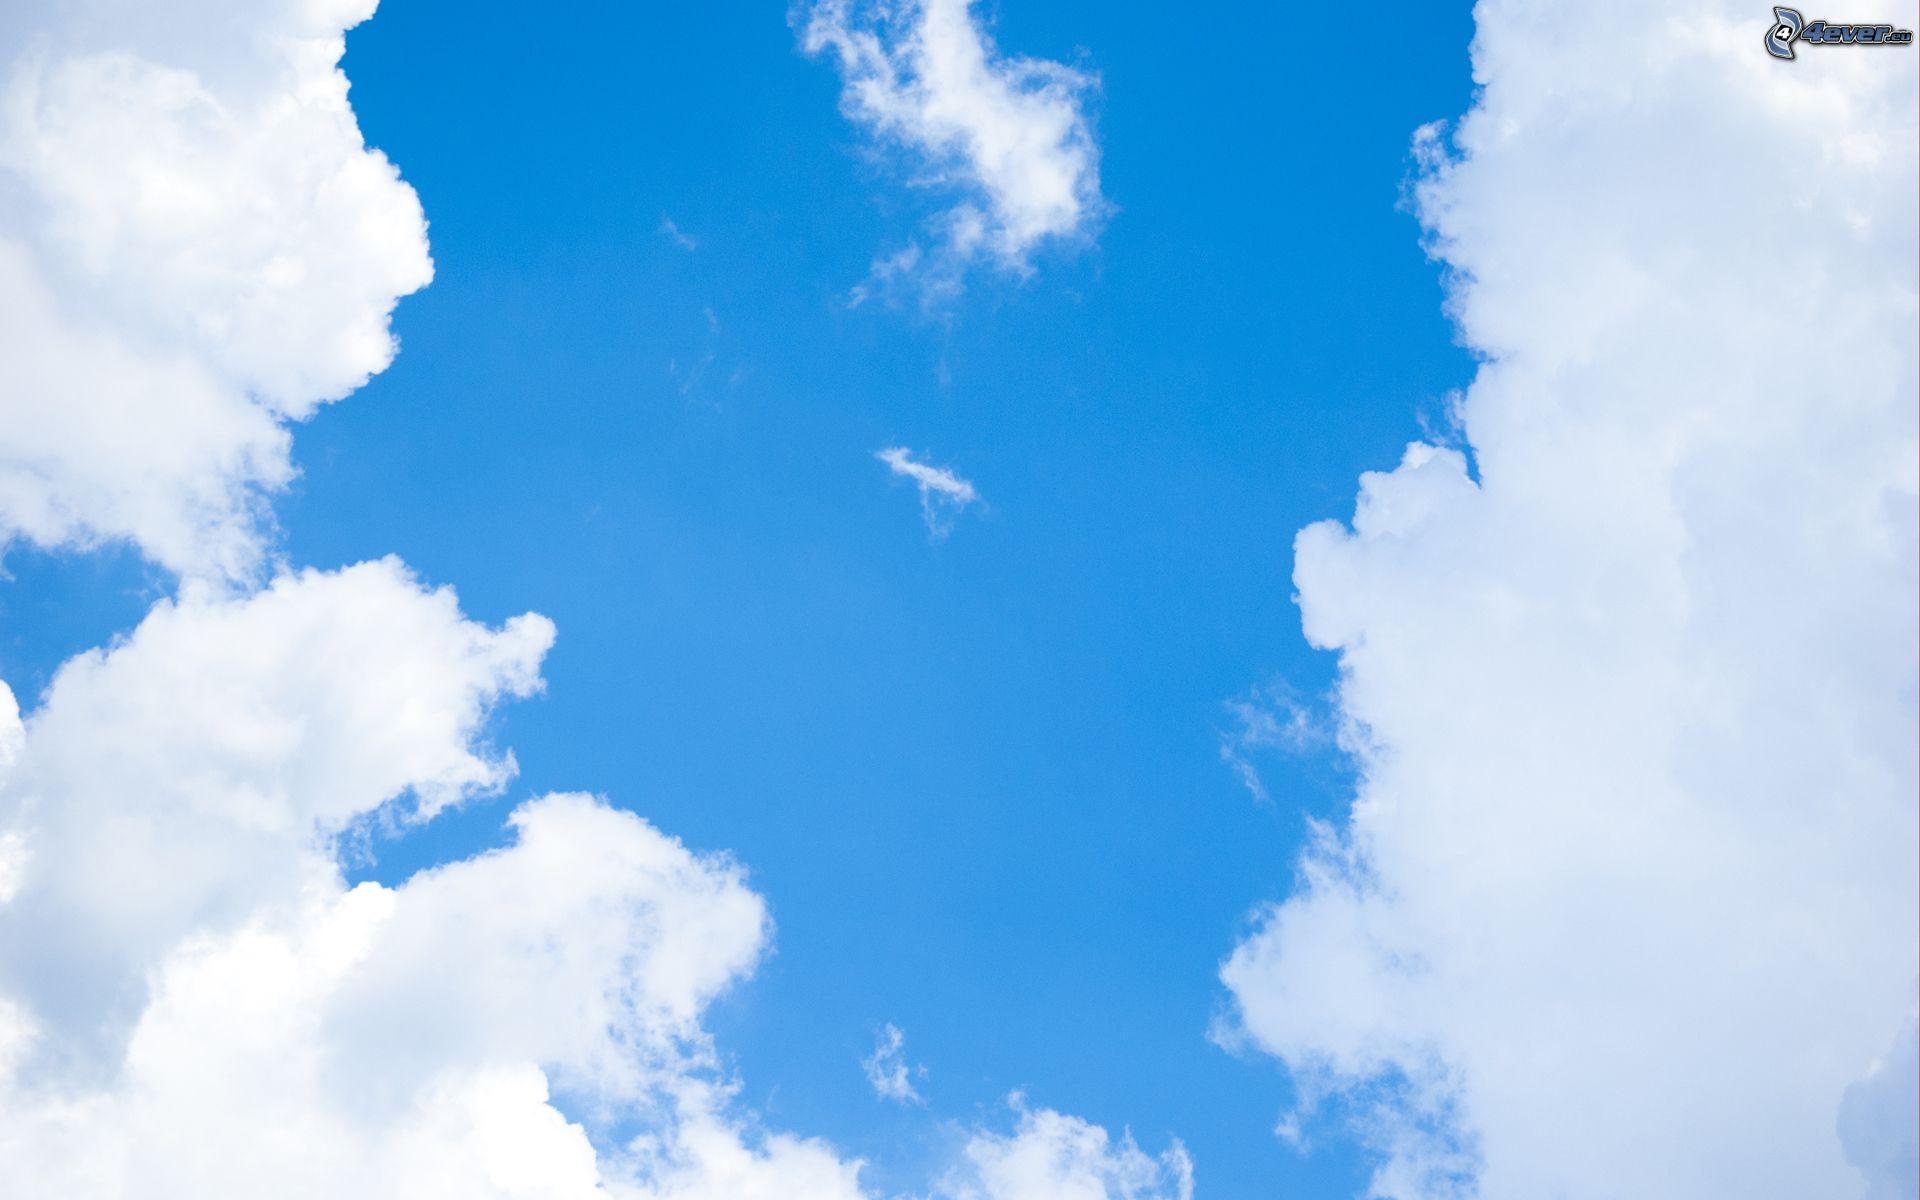 Fotos E Imagenes Cielo Azul Con Nubes: Nubes